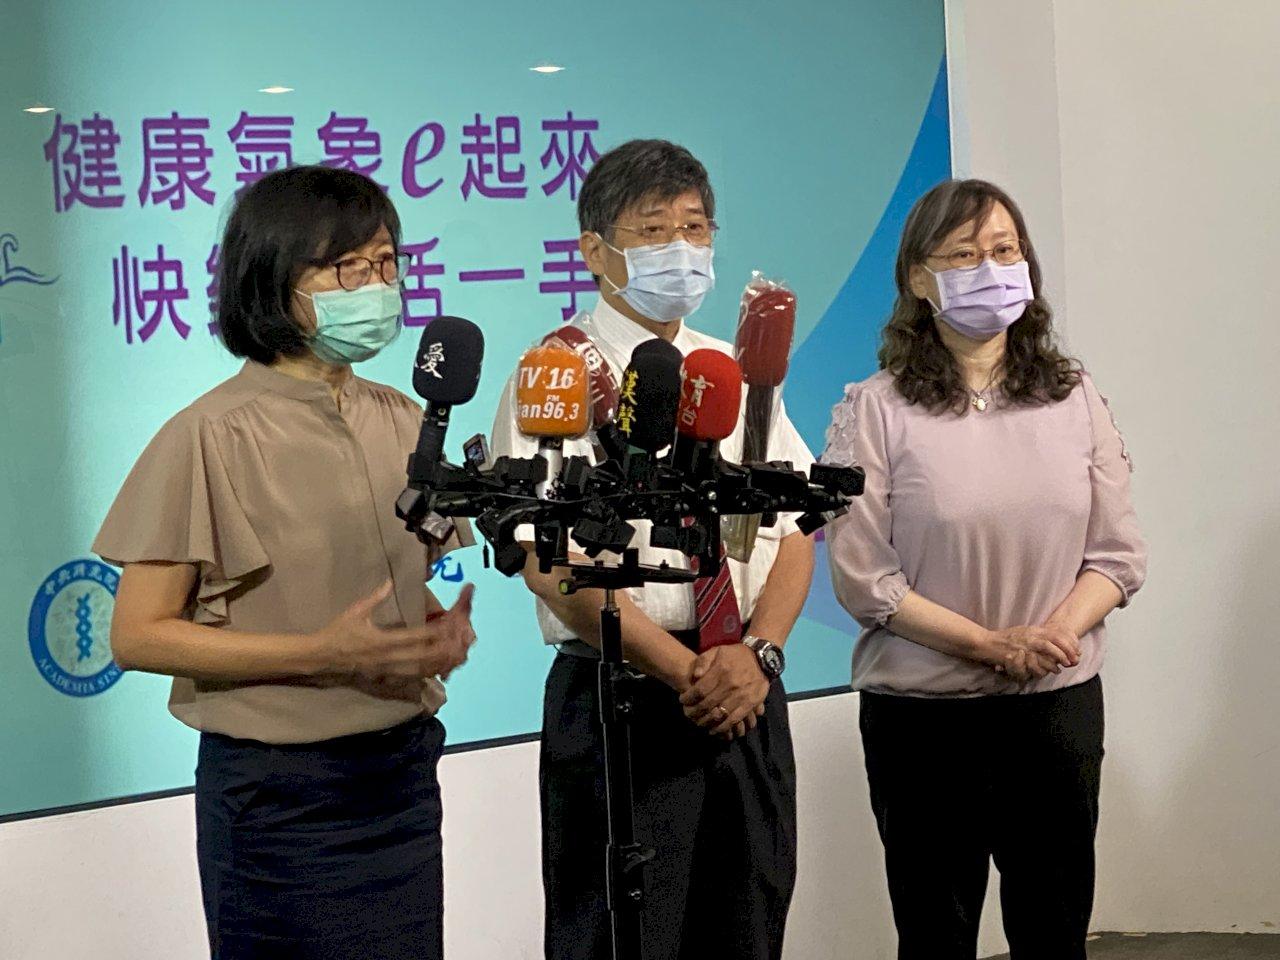 降低天氣對健康的危害 行政團隊首創「健康氣象APP」上線